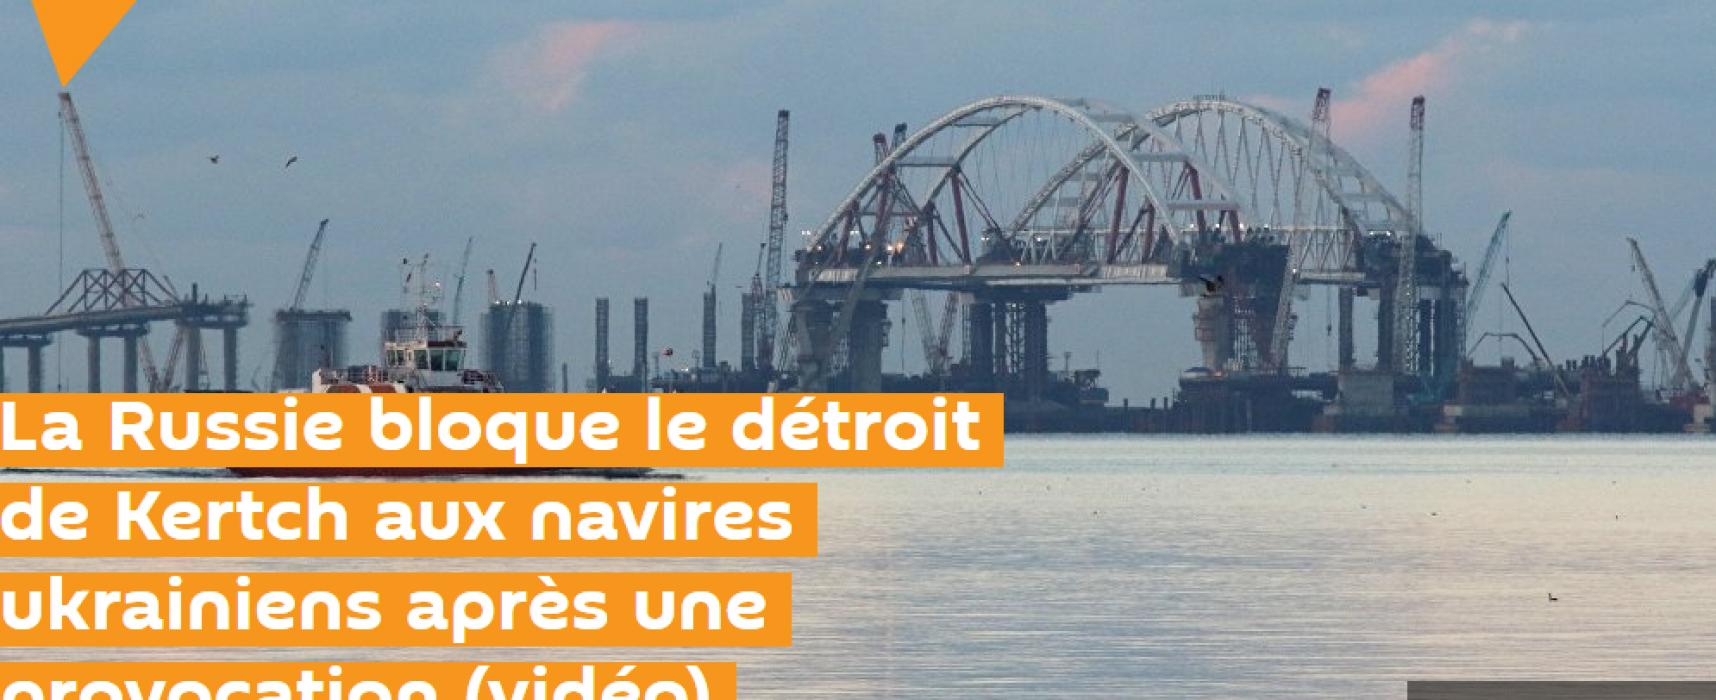 Falso: Buques ucranianos violaron el espacio marítimo ruso